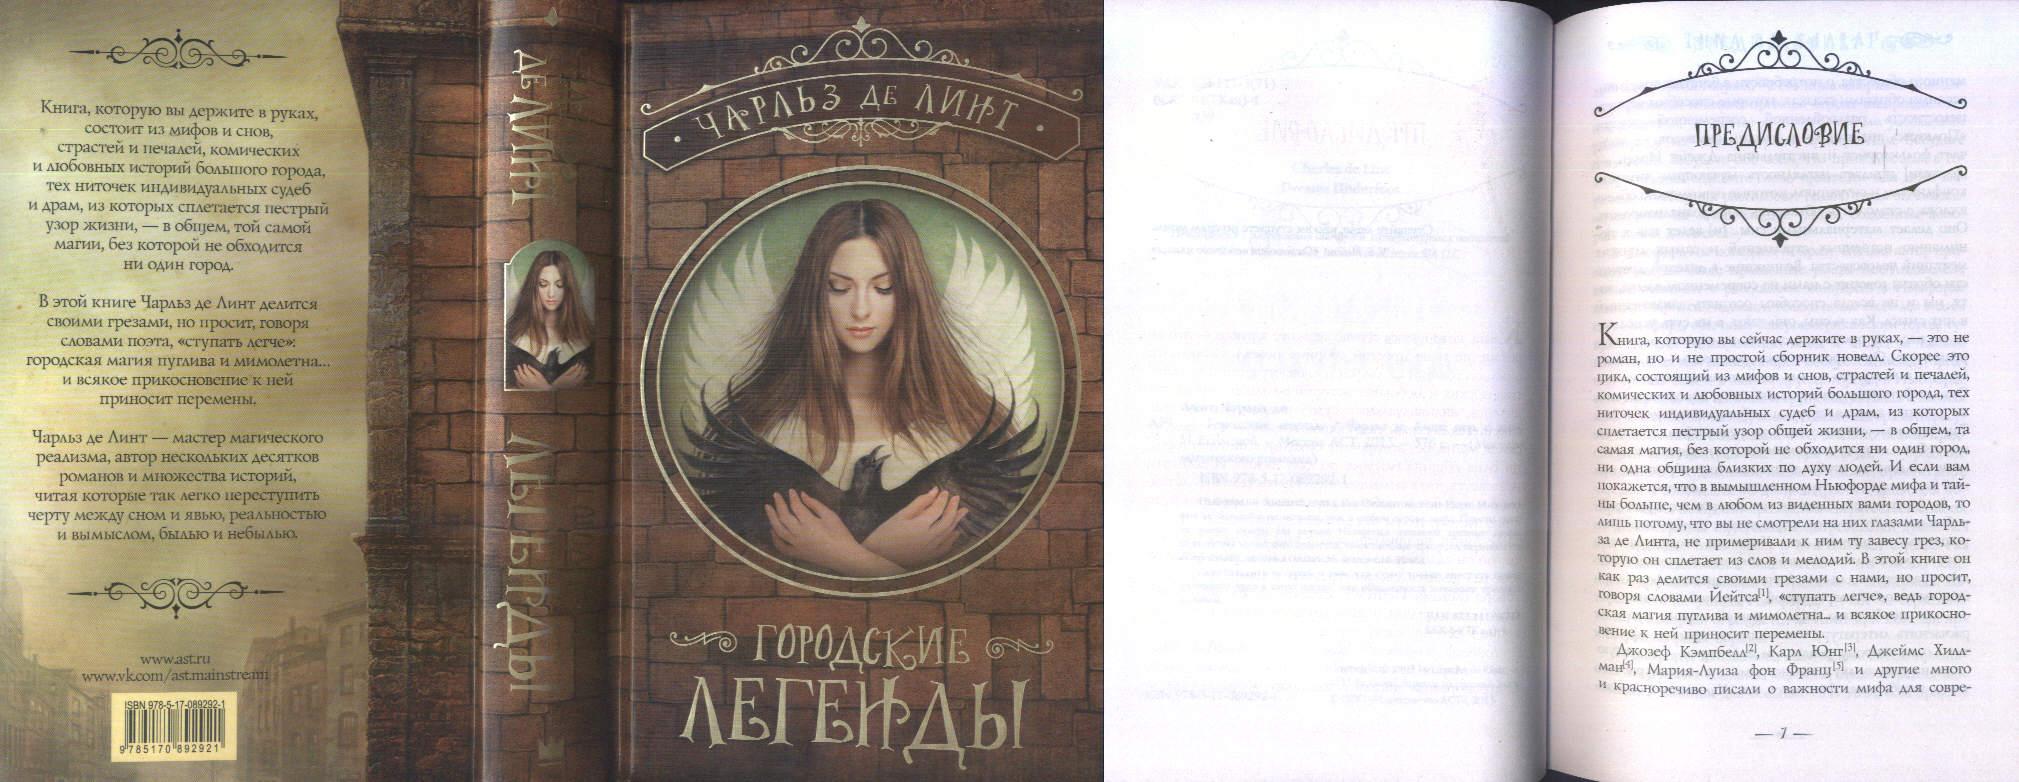 Расказы о мифах, Мифы древней греции 2 фотография